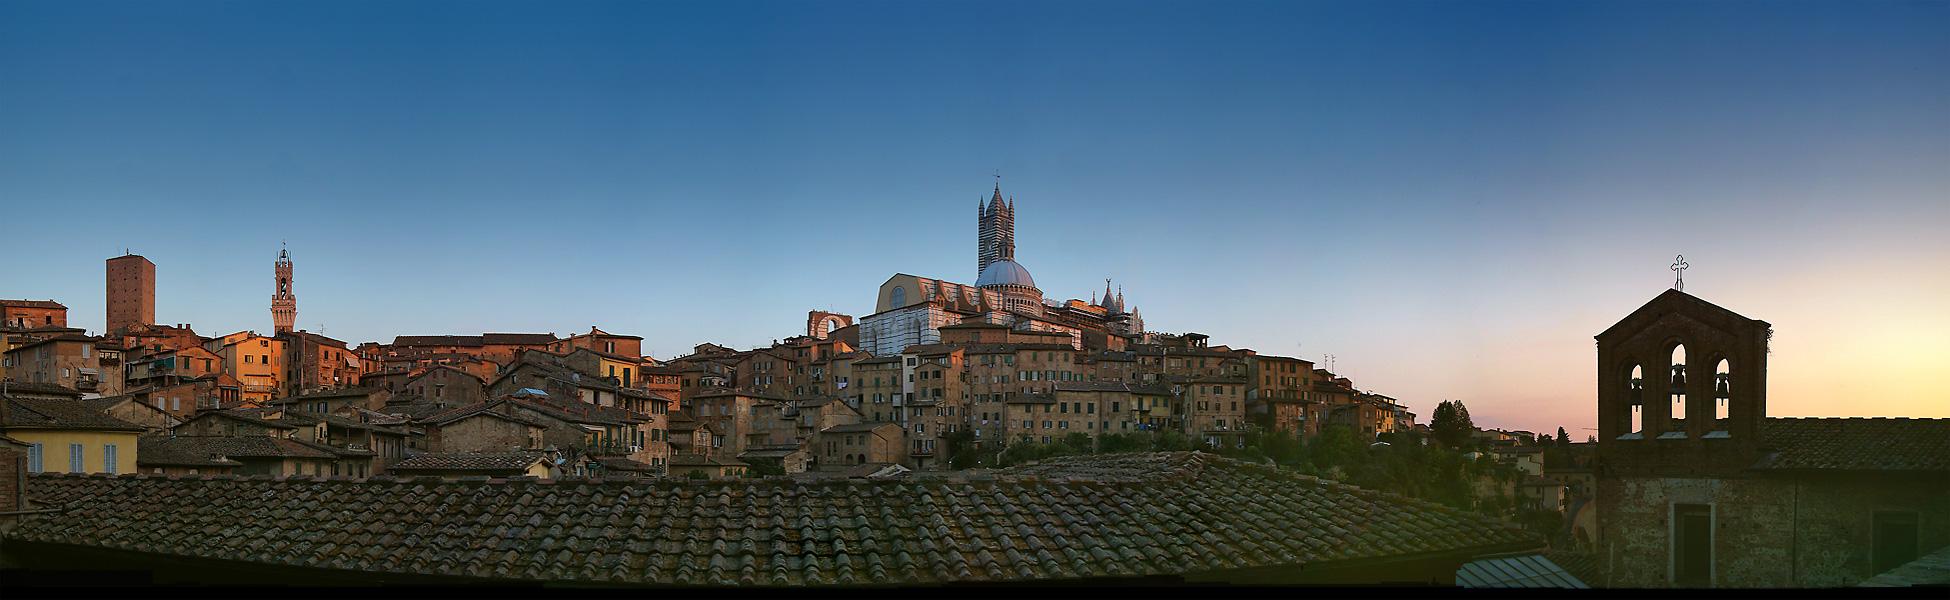 Toscana_Siena2_tango7174